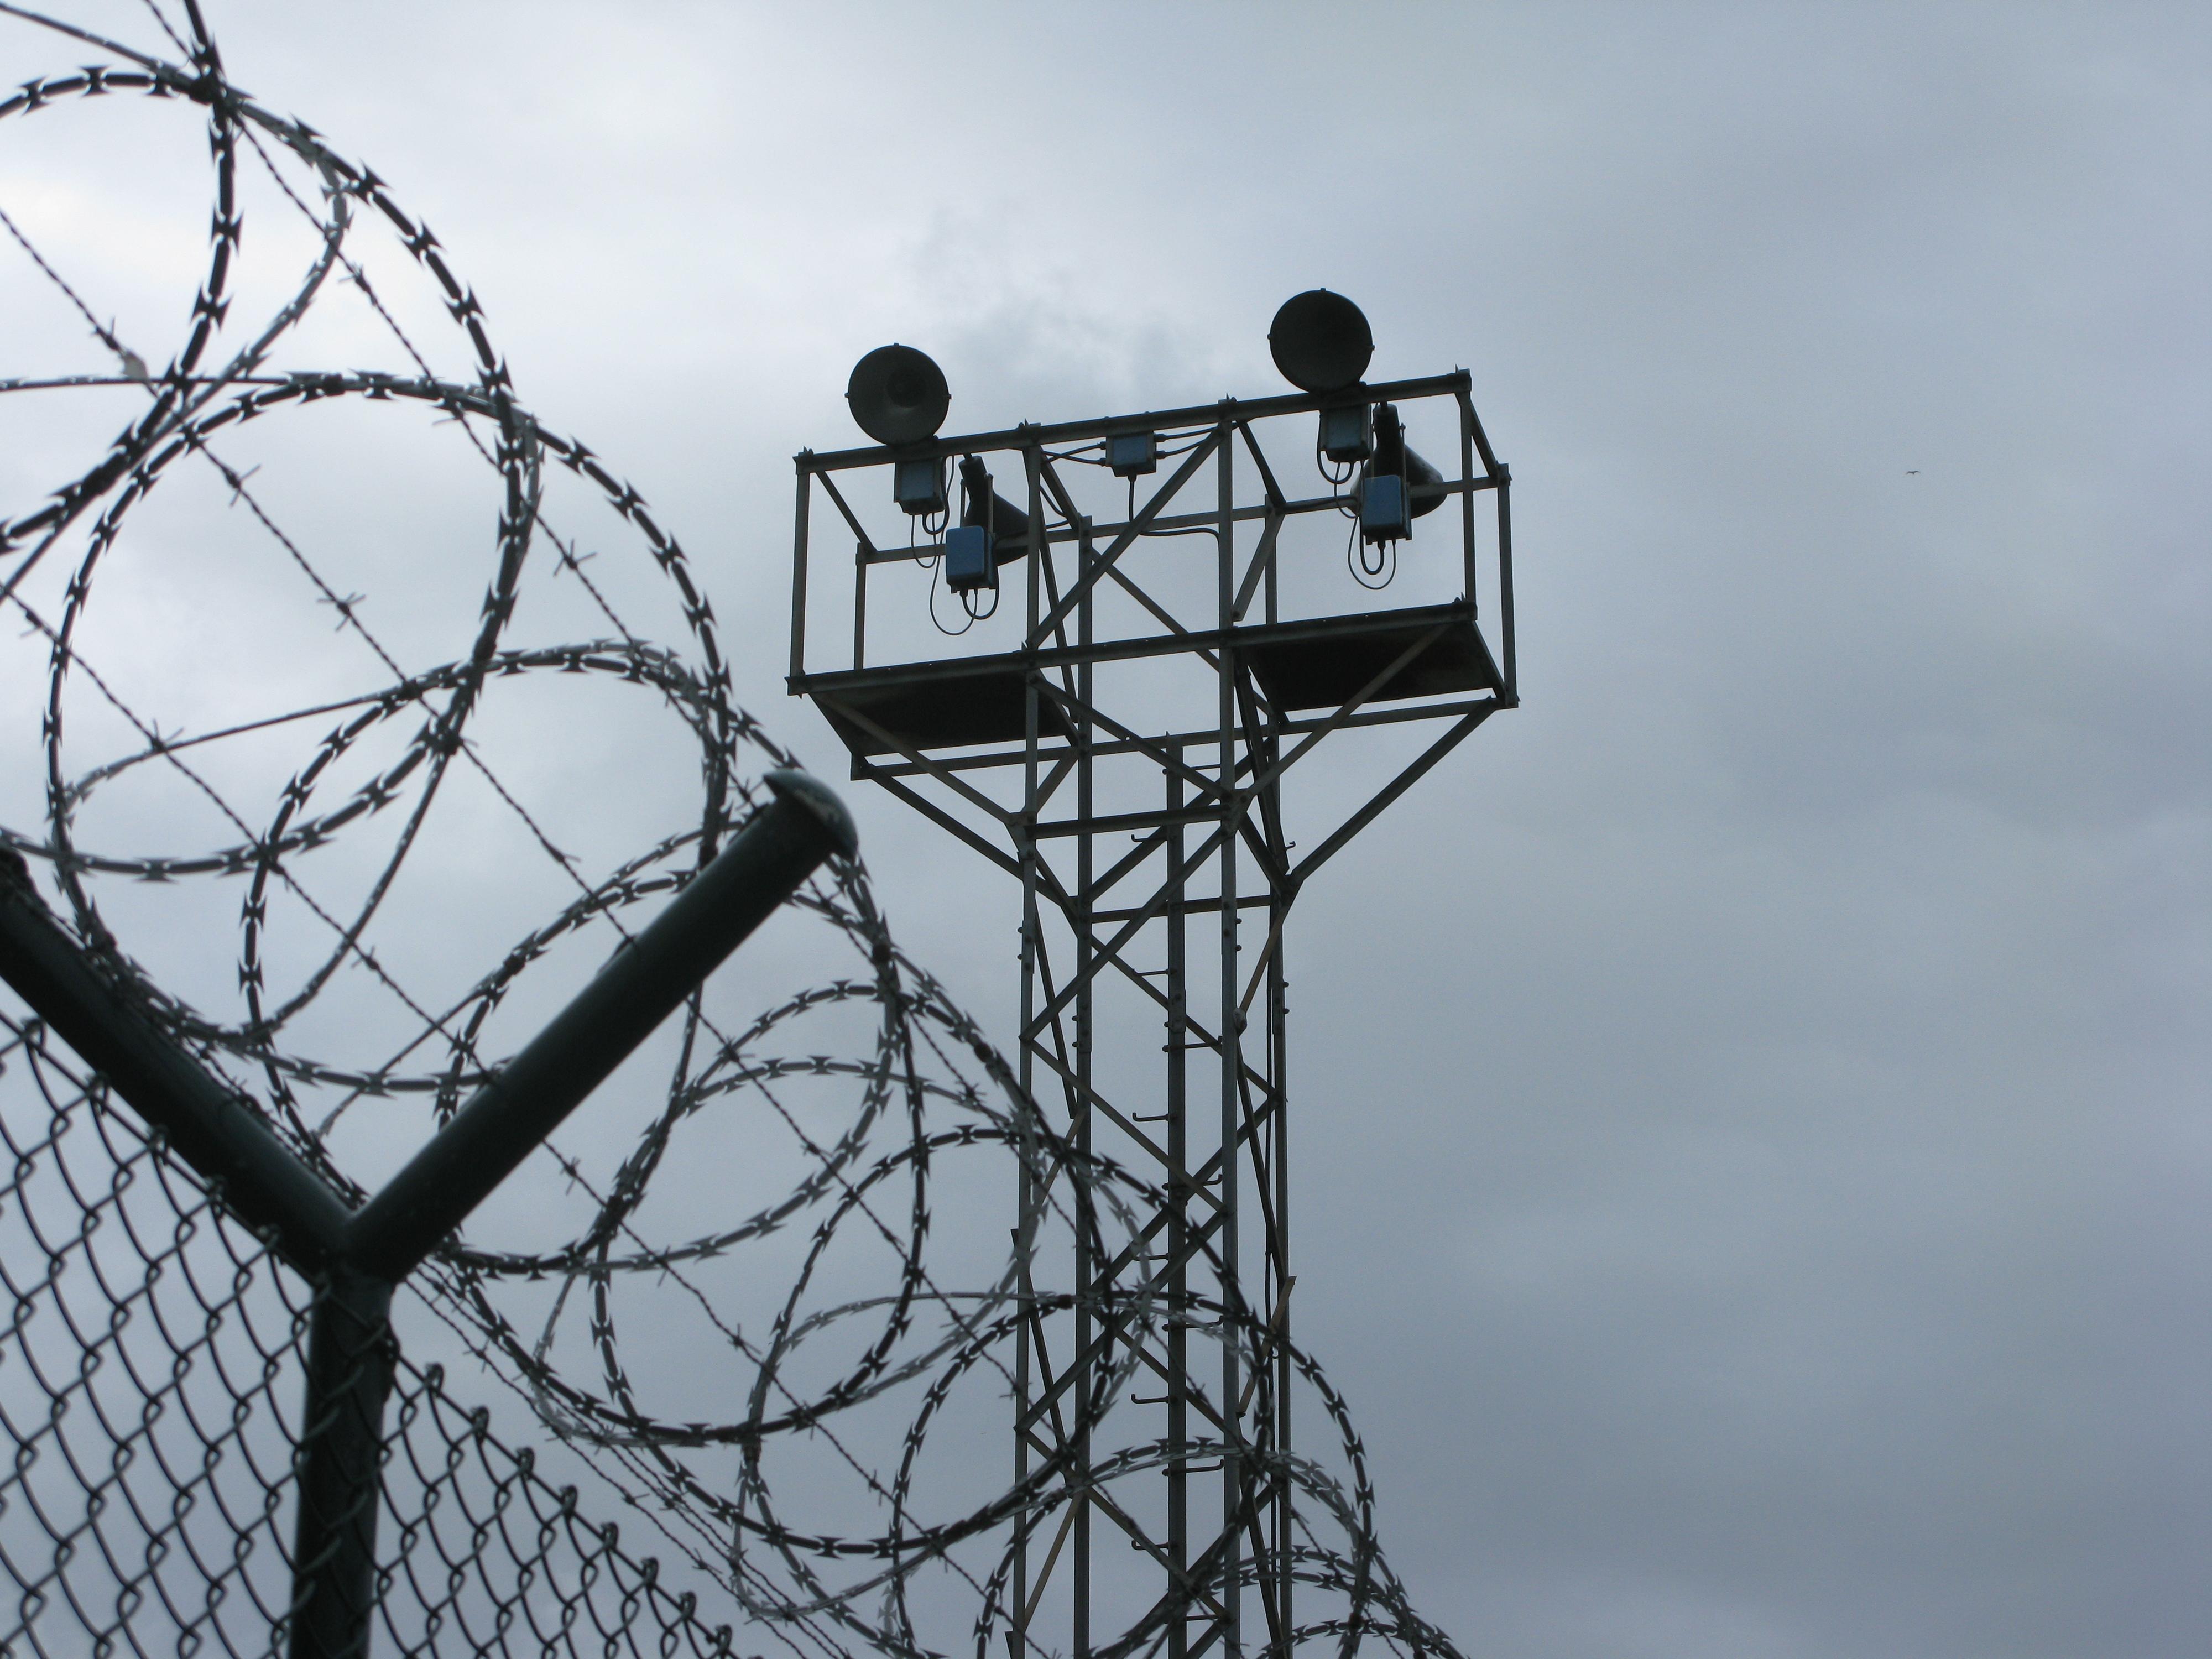 Mississippi Prison Riot: A Sobering Reminder